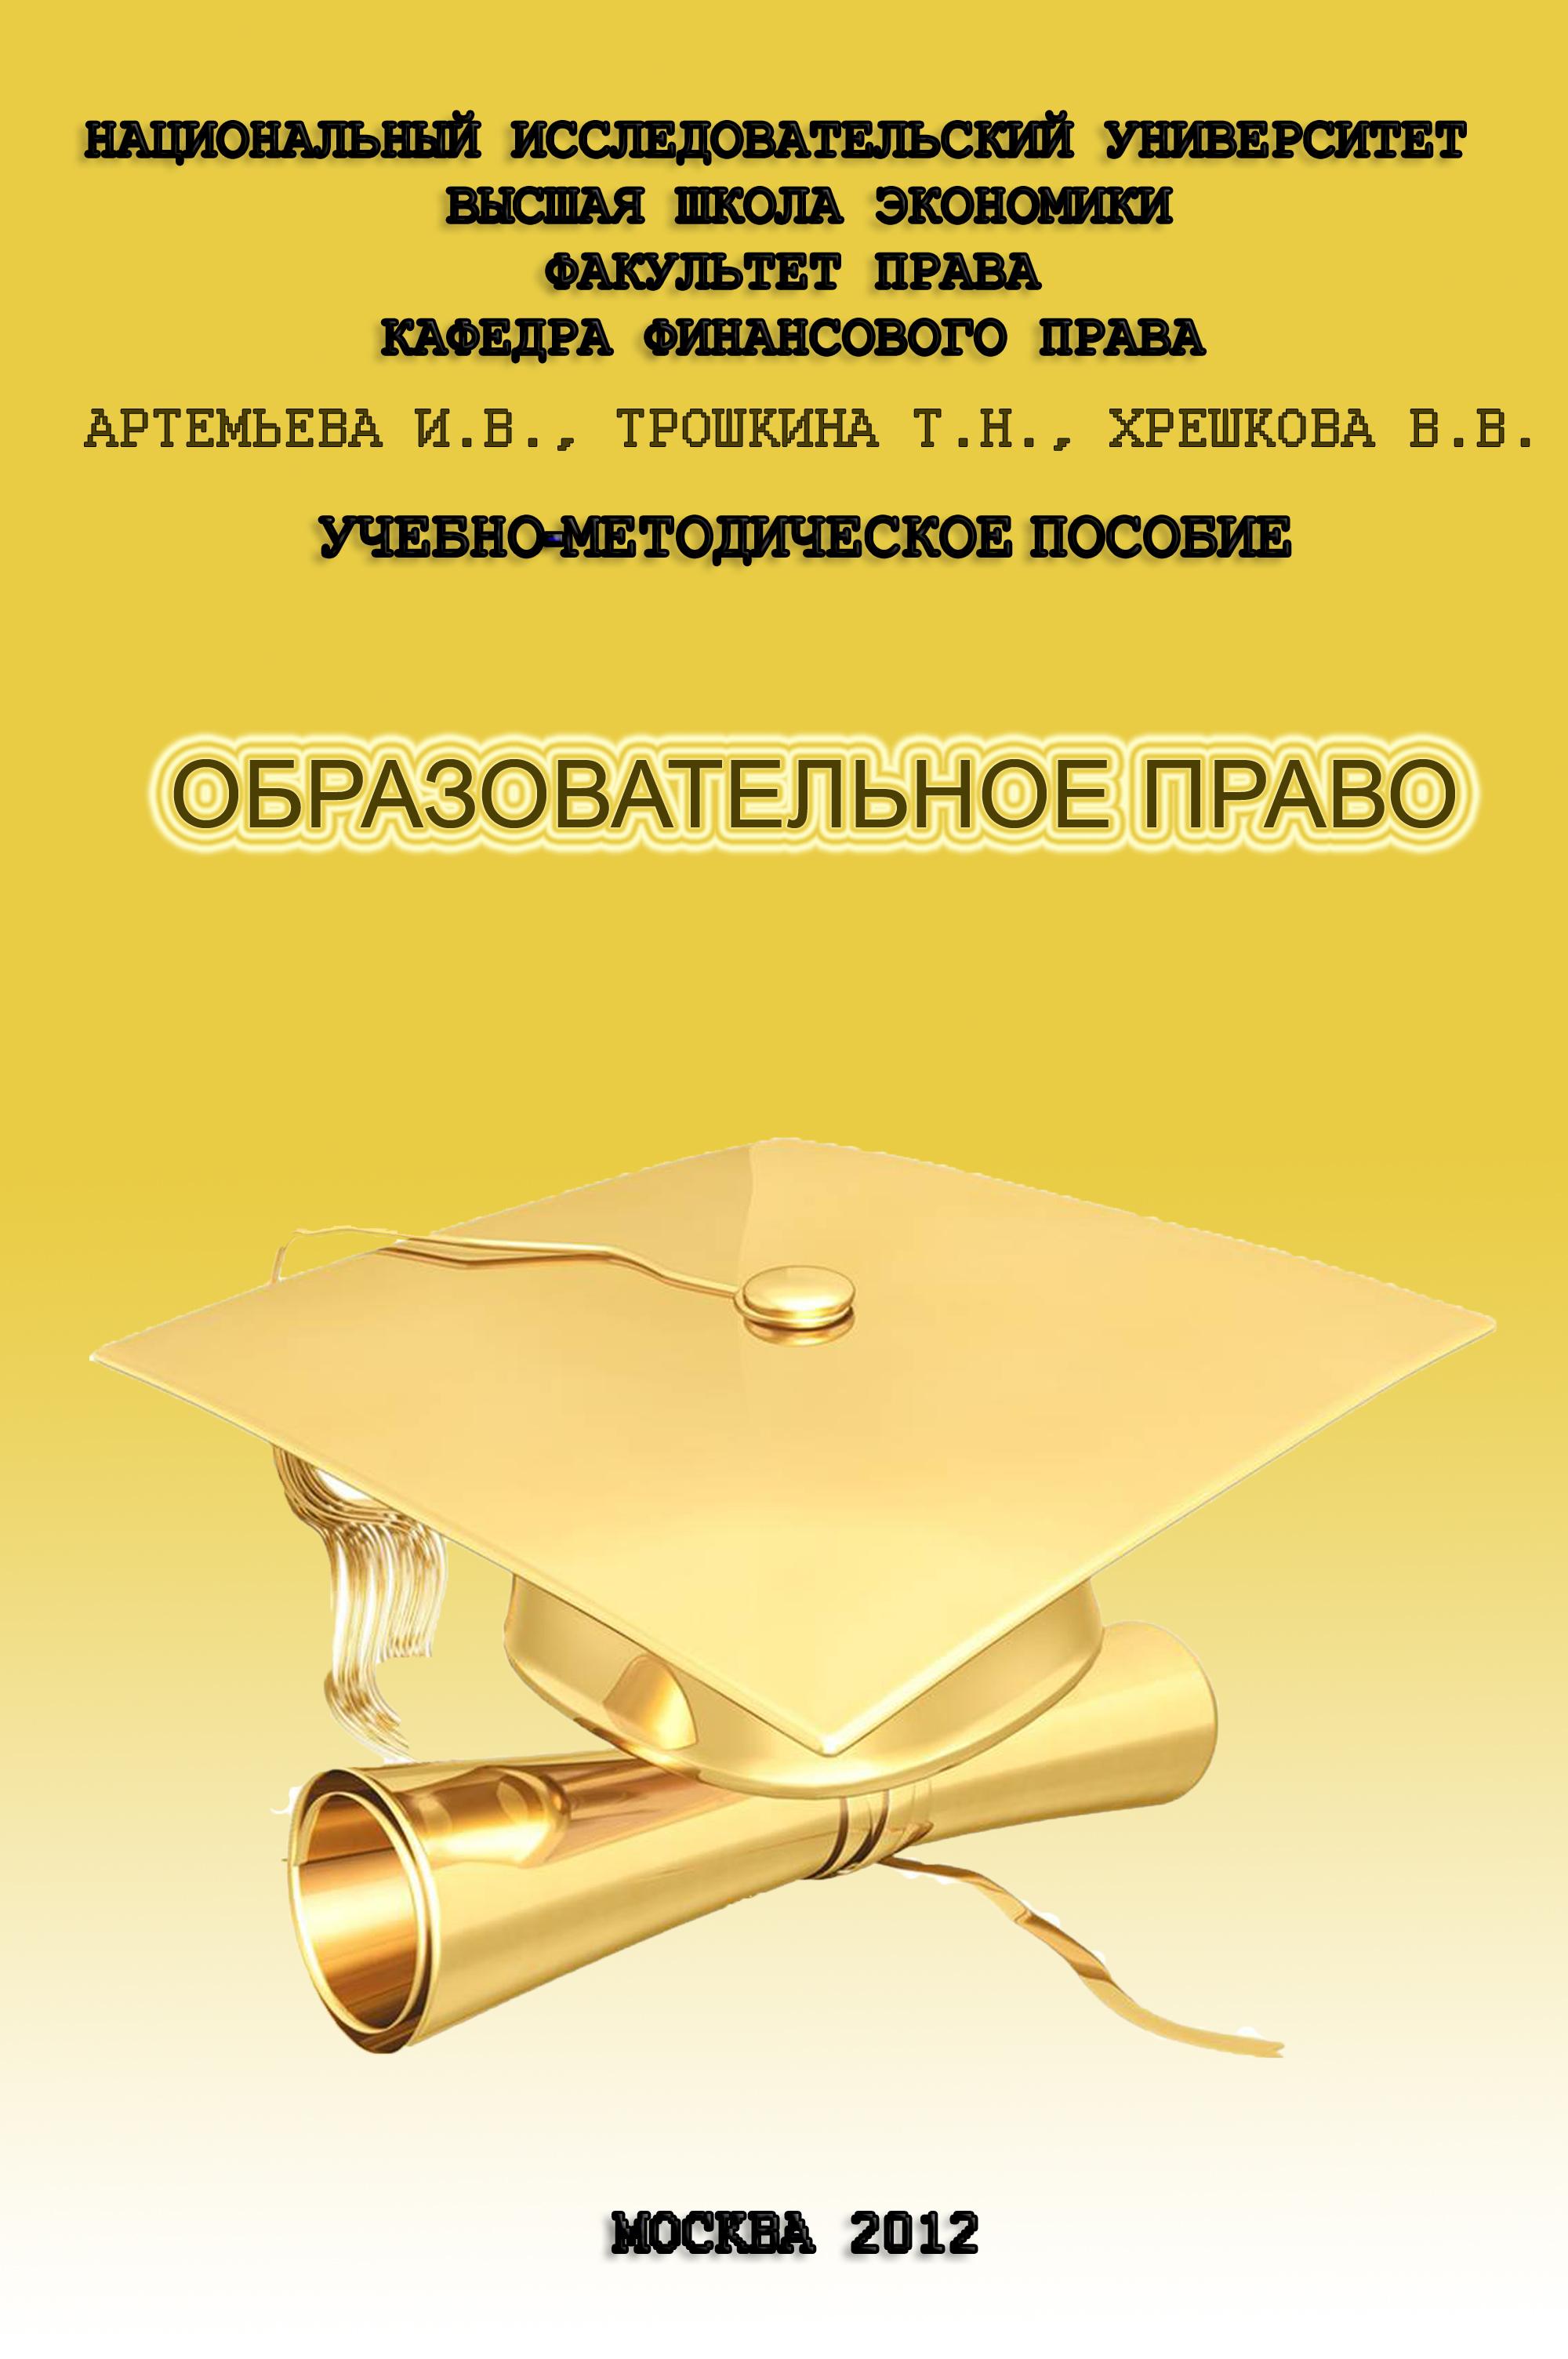 Образовательное право: учебно-методическое пособие